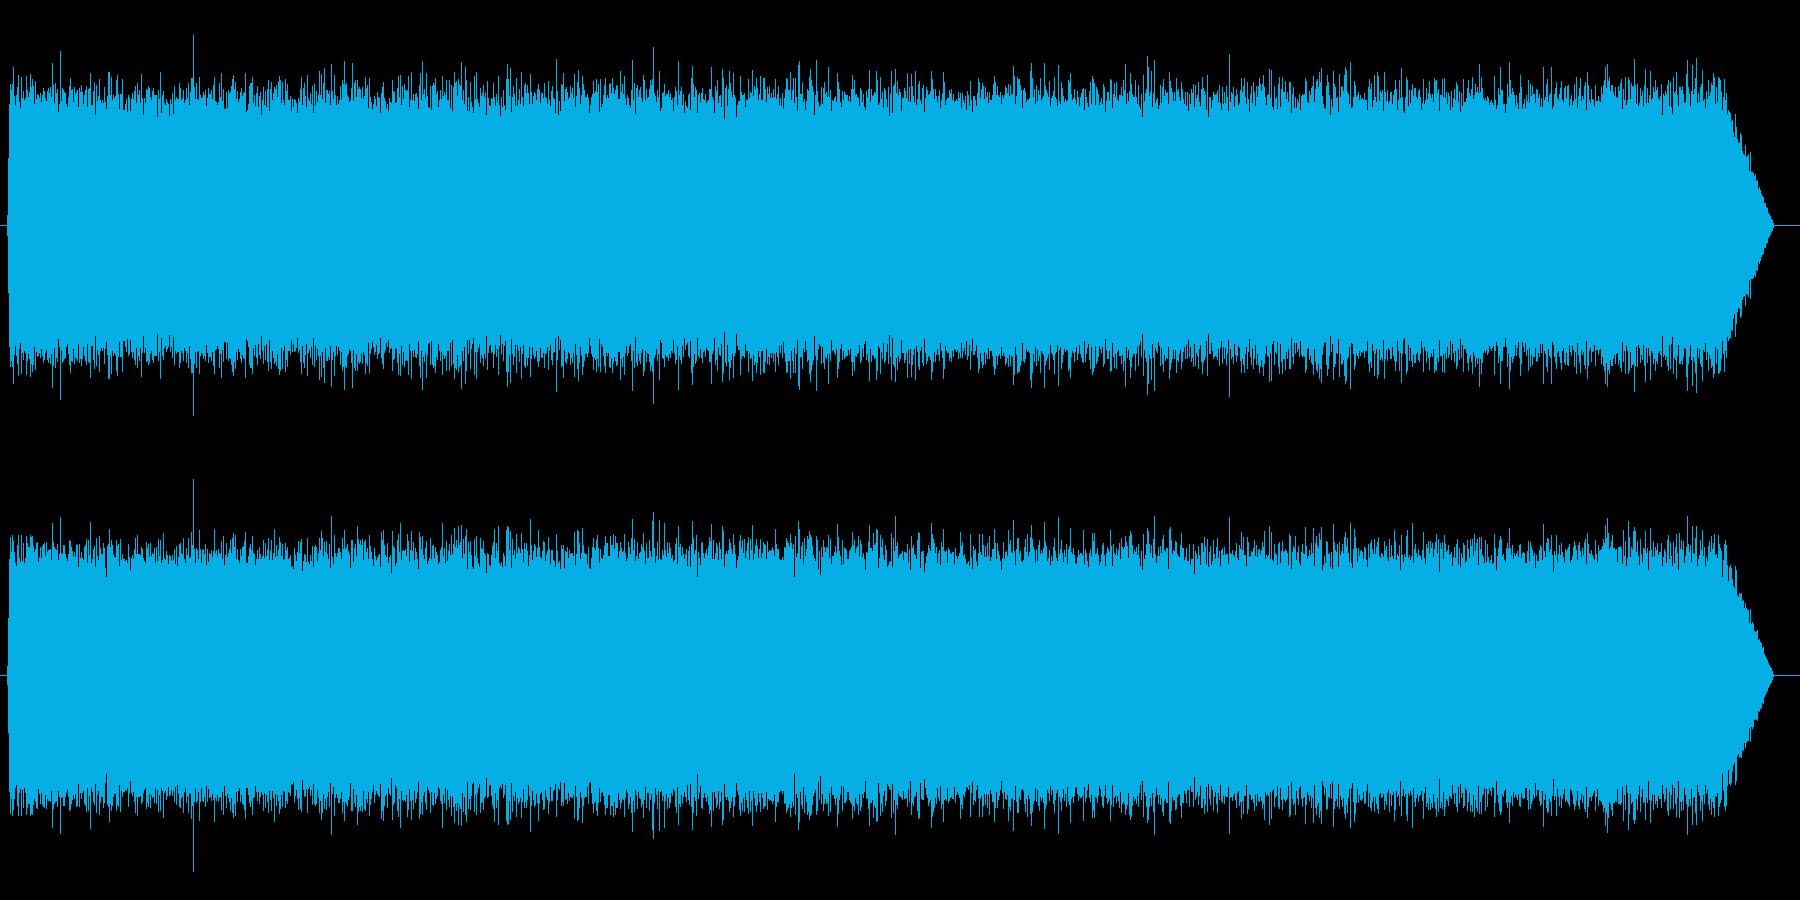 砂嵐効果音 テレビのノイズ ザー サーの再生済みの波形